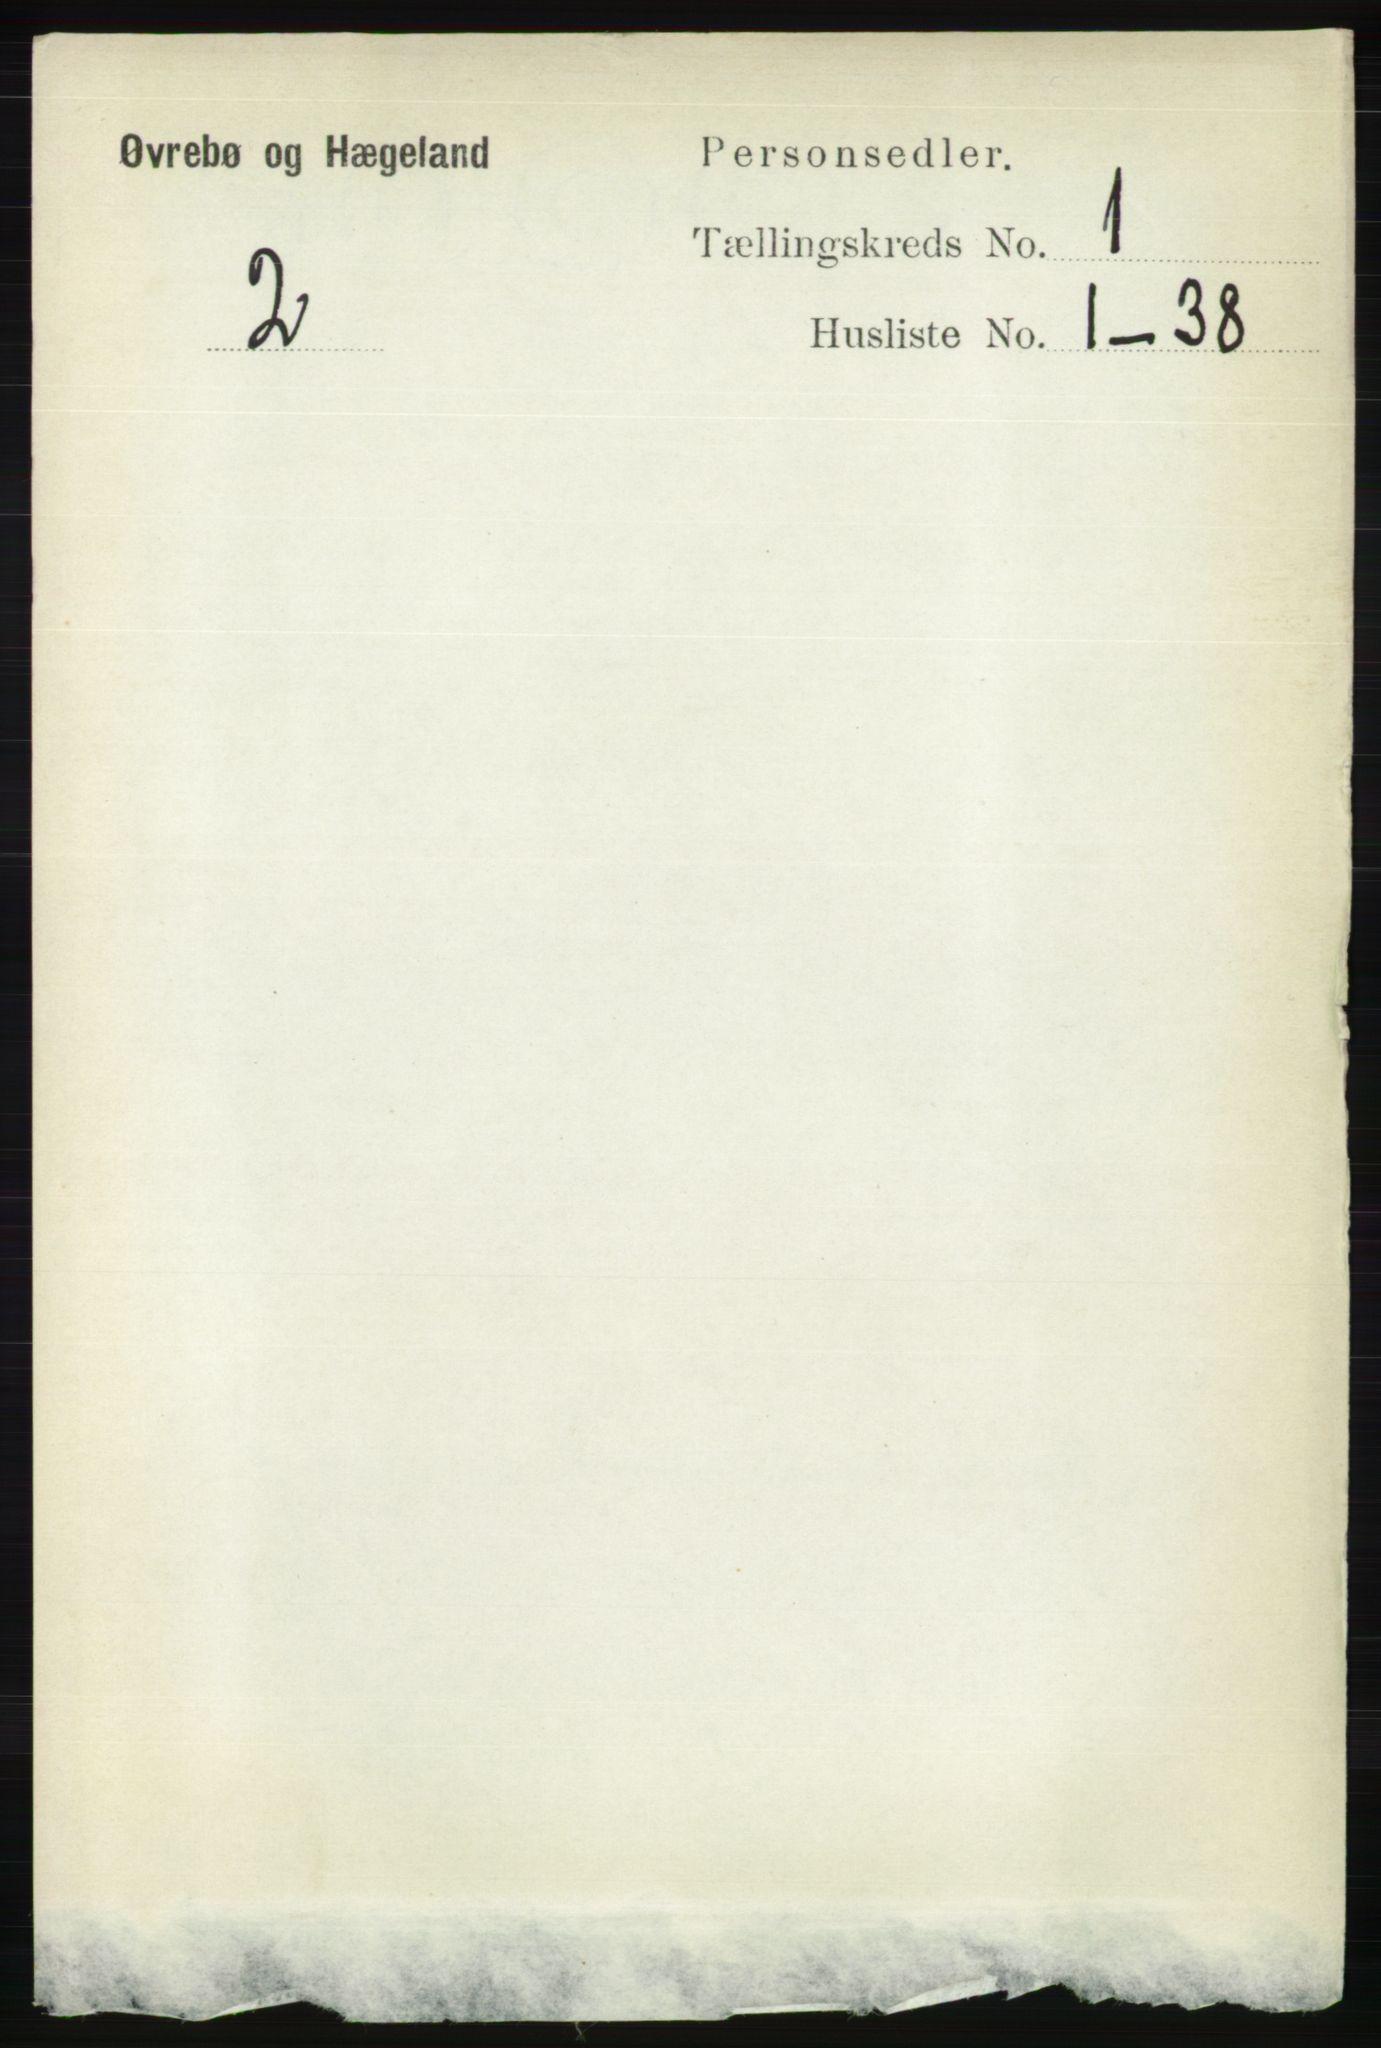 RA, Folketelling 1891 for 1016 Øvrebø og Hægeland herred, 1891, s. 67